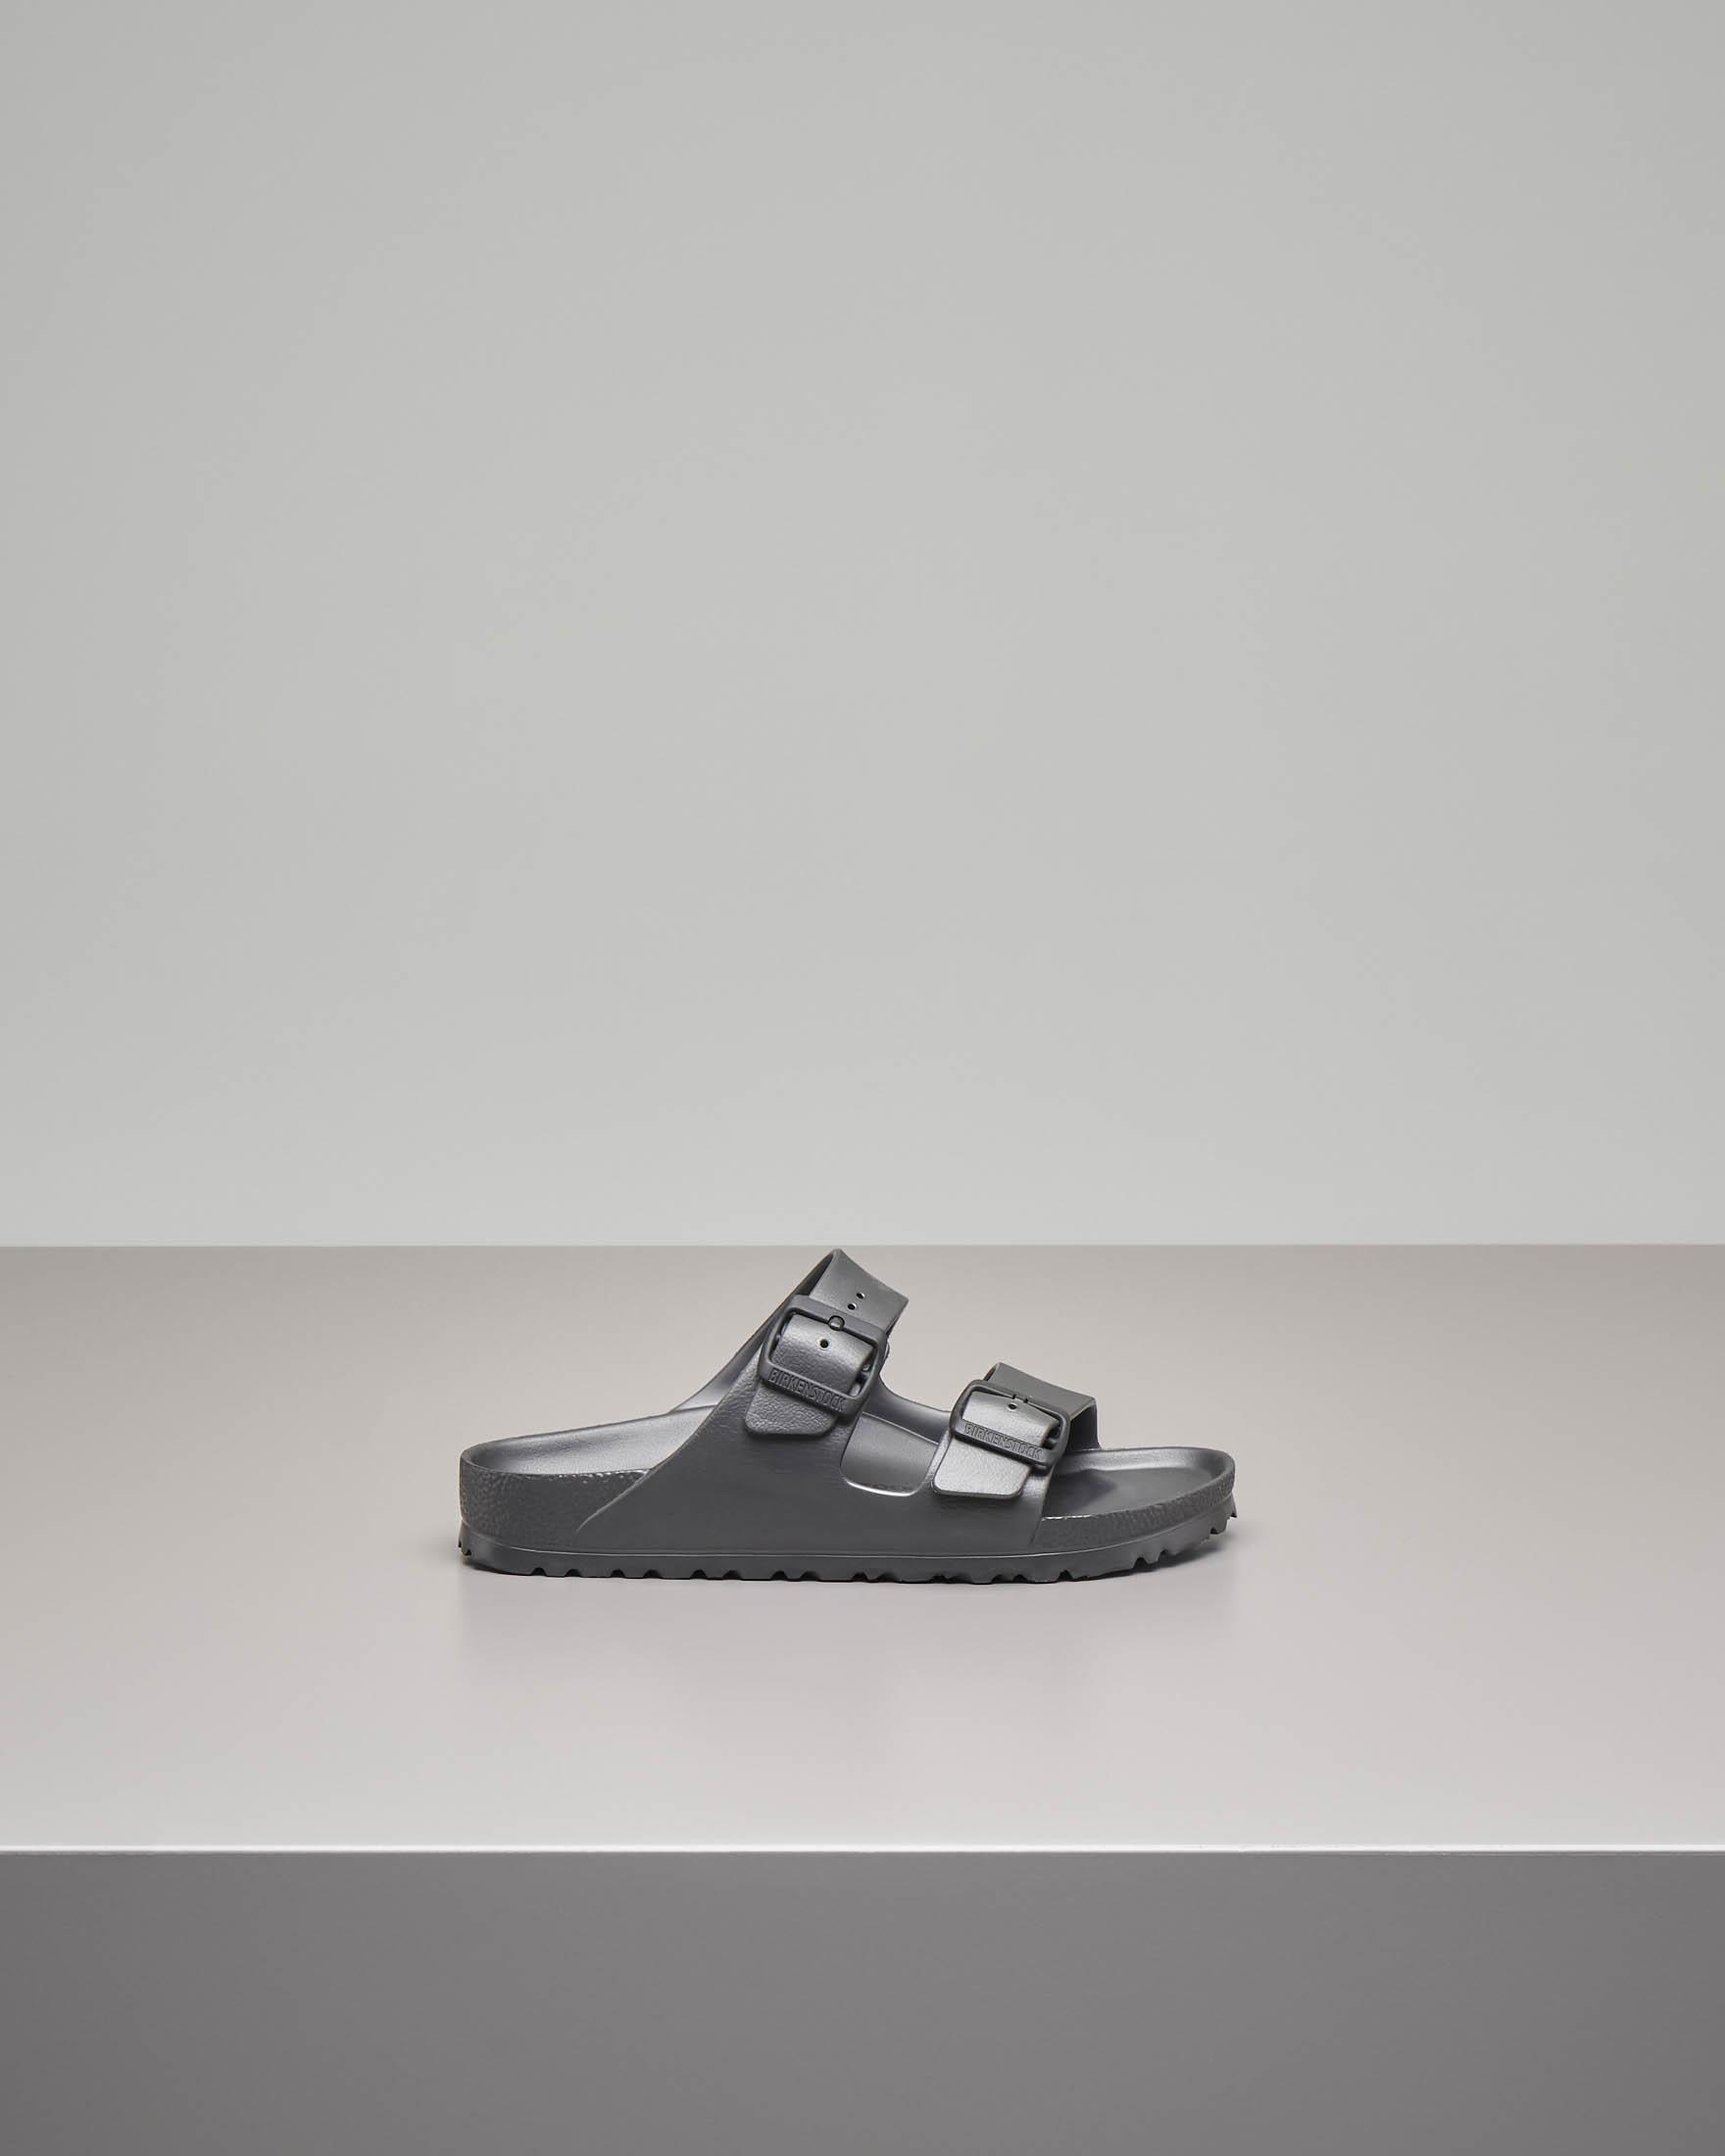 Sandalo Arizonain EVA color grigio scuro con doppia fascetta